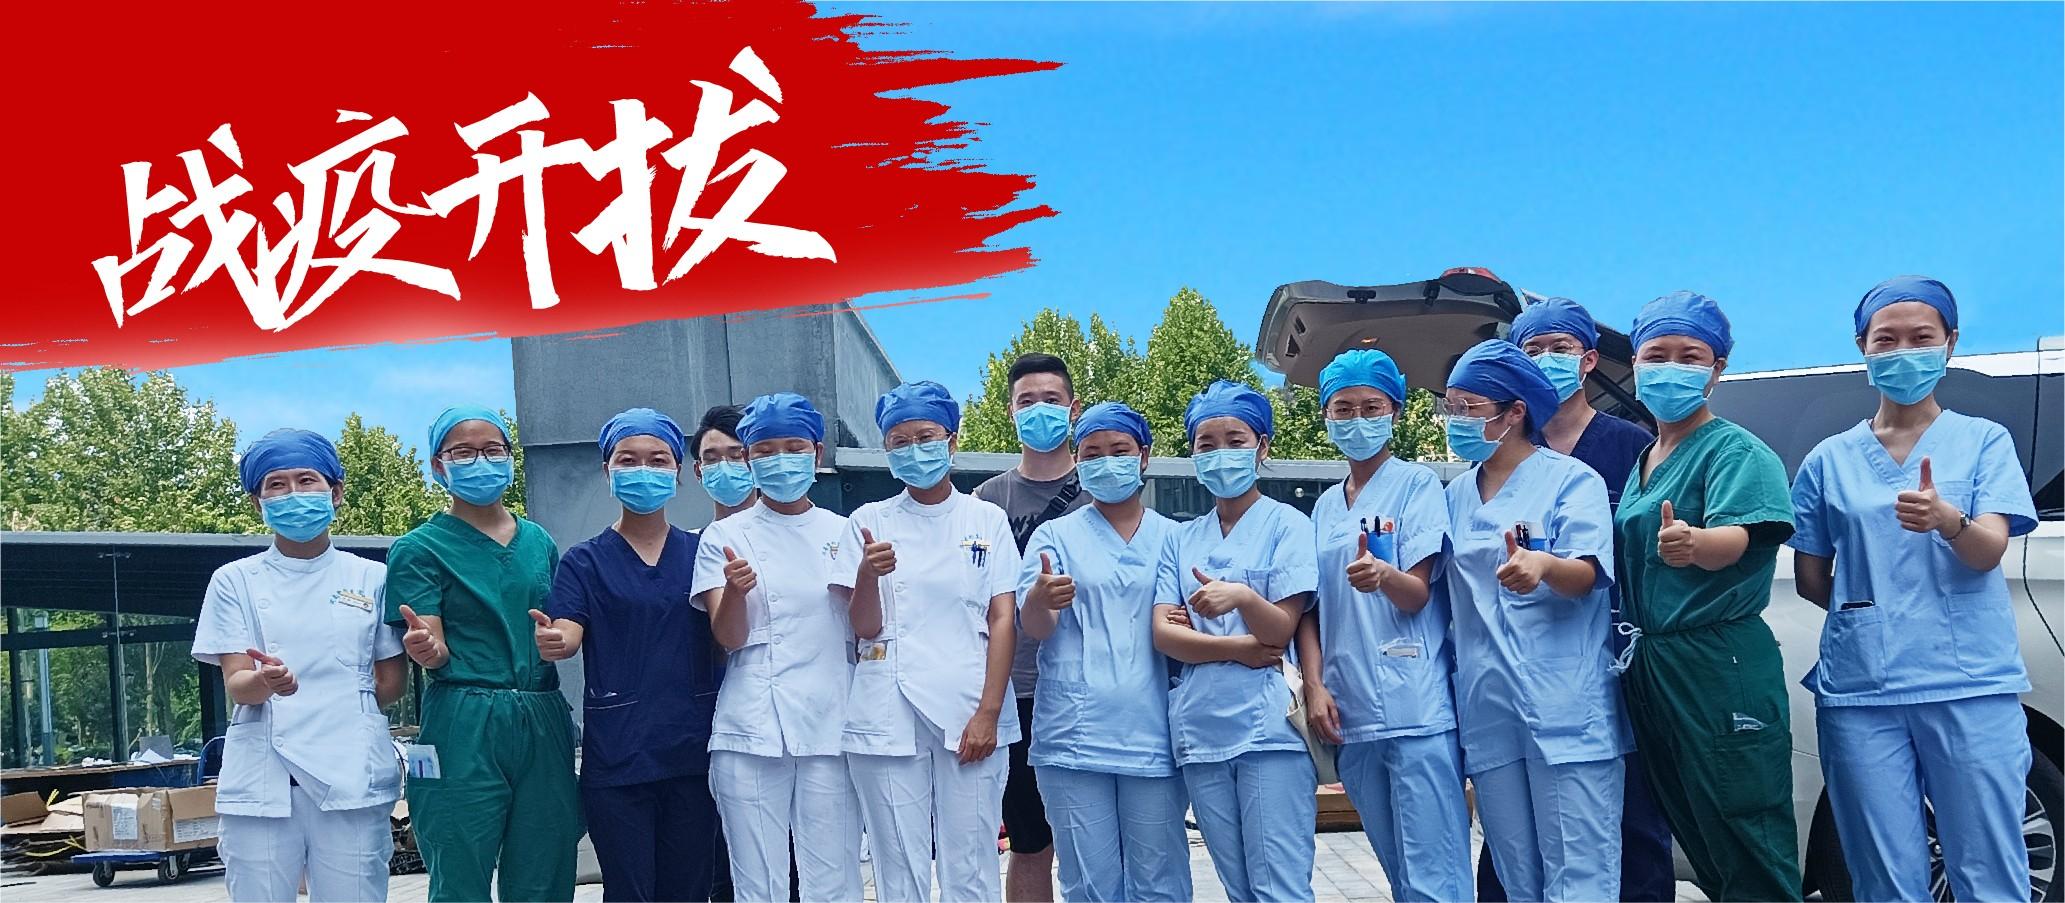 疫情當前,河南整形美容醫院38人奮戰在核酸檢測第一線